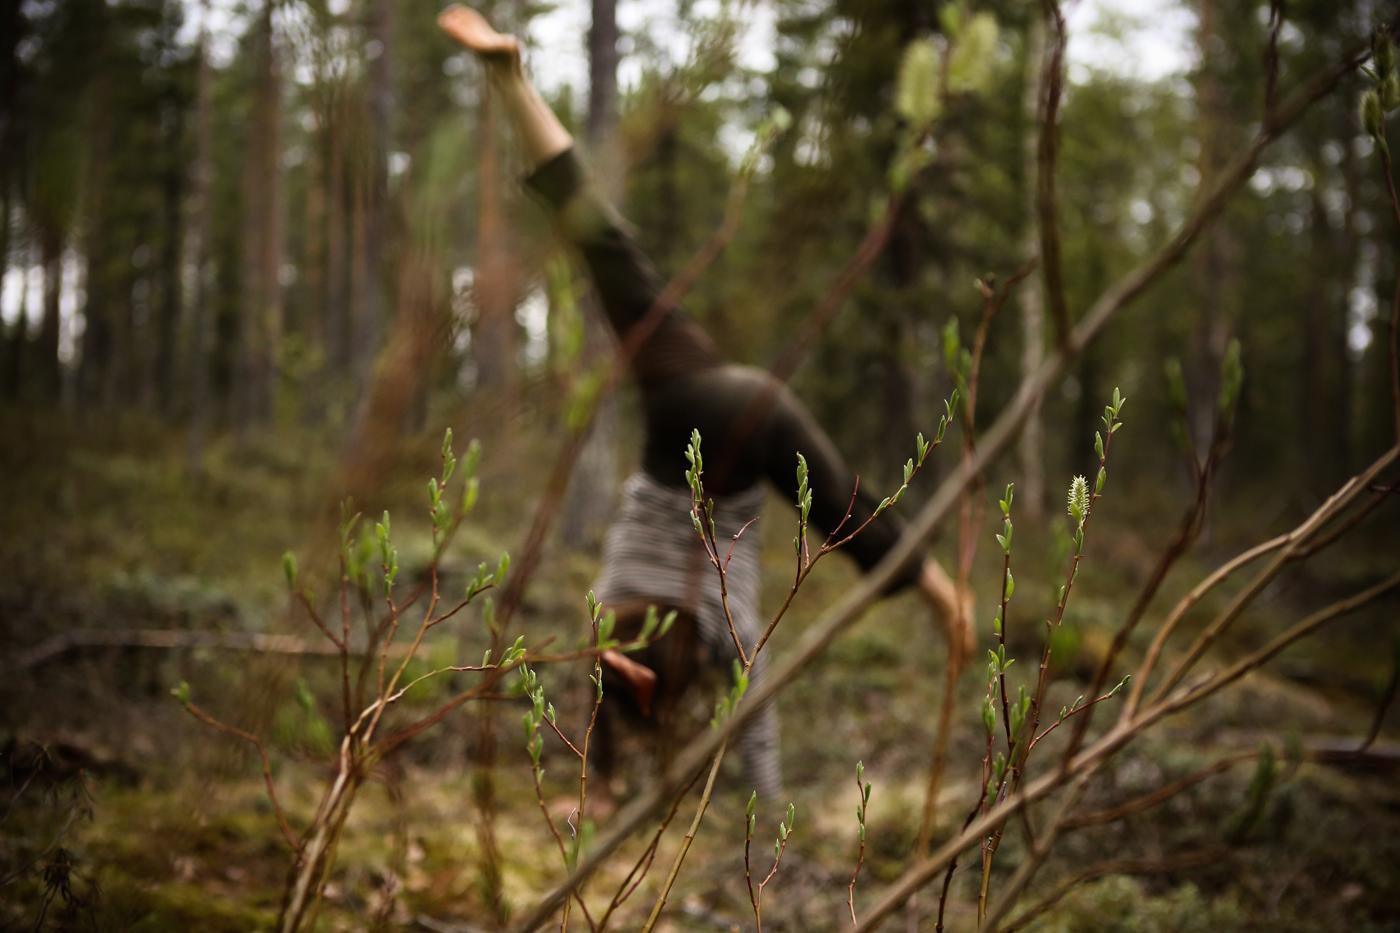 Metsäprojekti_Hiljaisuusfestivaali_2015_C_Jouni_Ihalainen-70.jpg